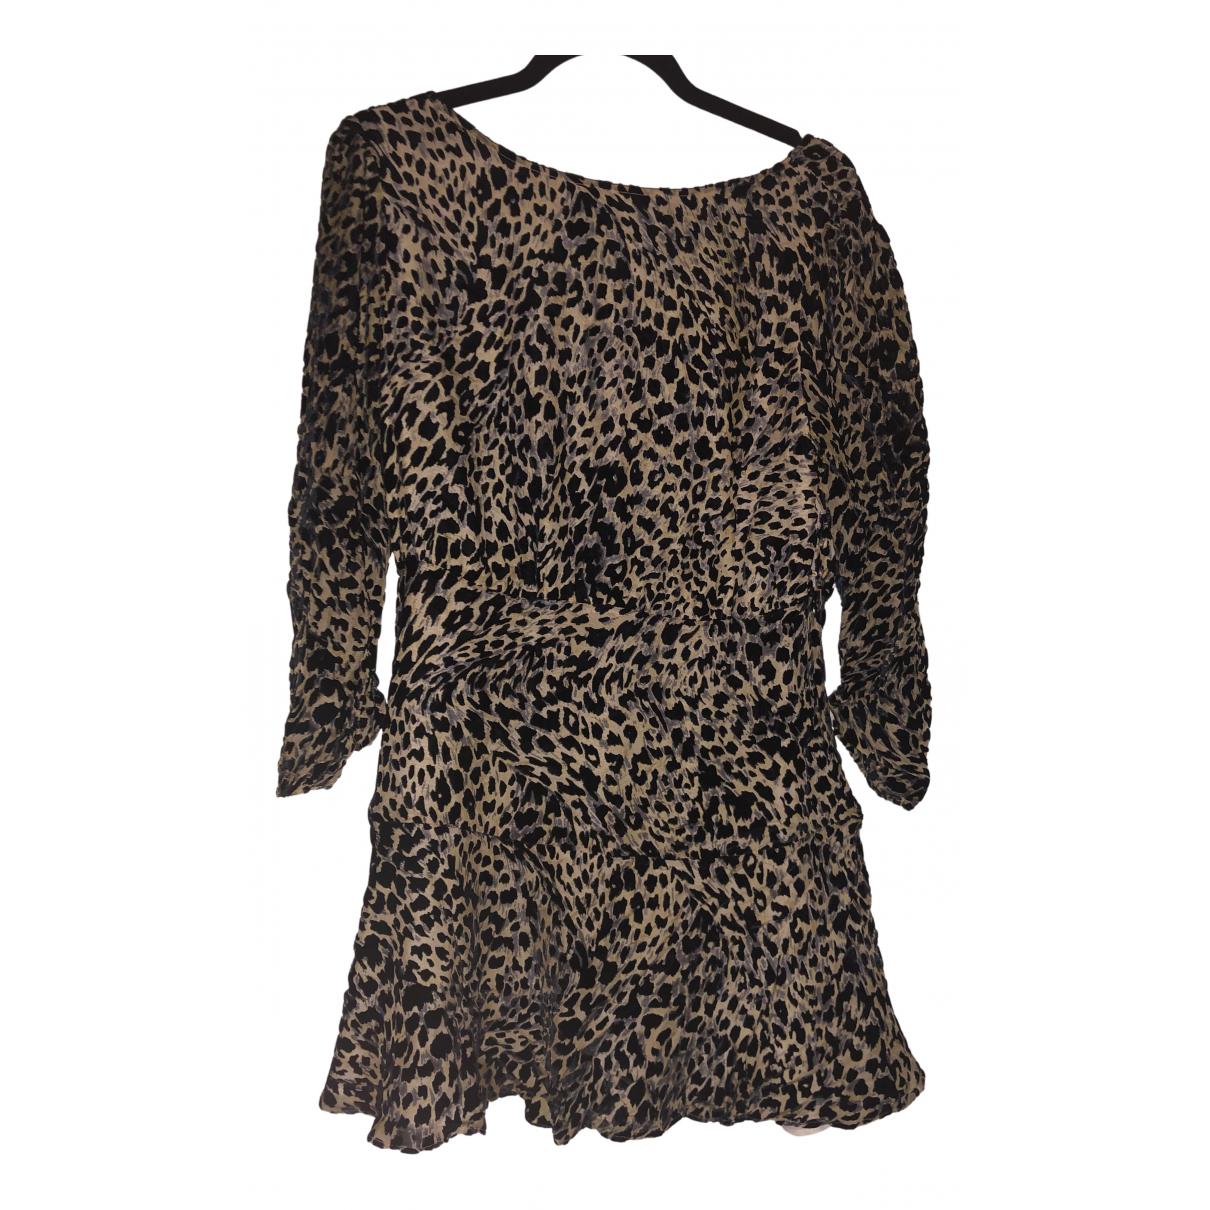 Rixo \N Brown Velvet dress for Women XS International